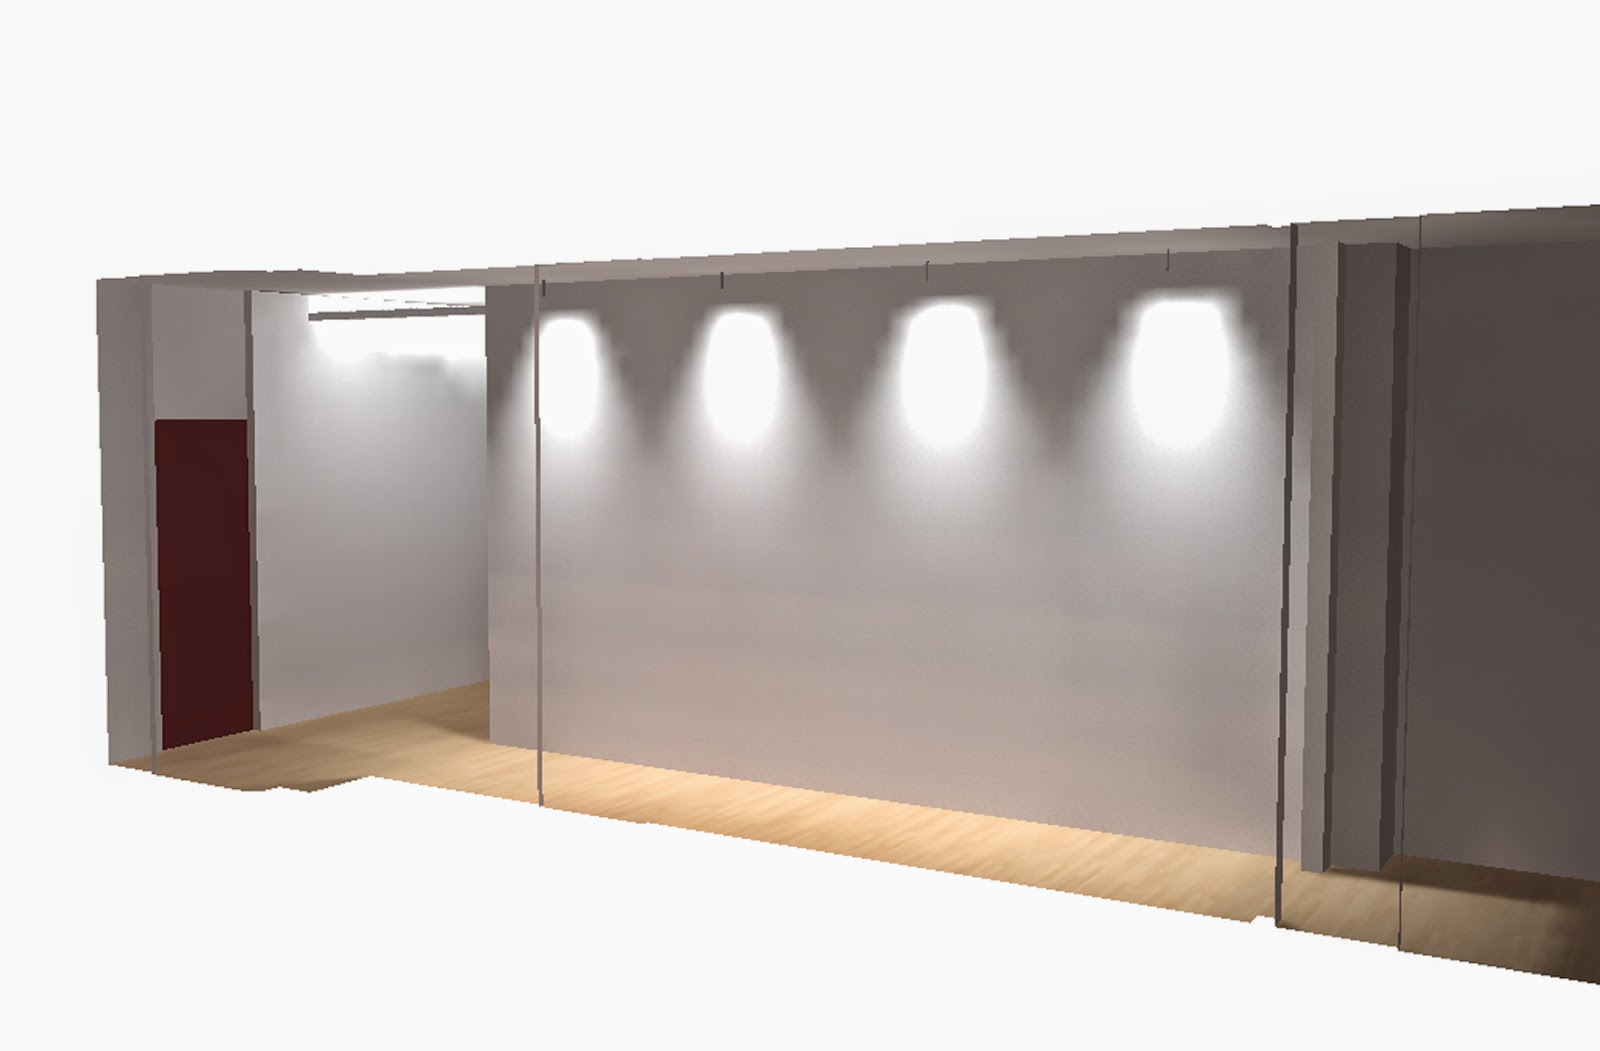 Illuminazione controsoffitto corridoio: 7 consigli 1 per